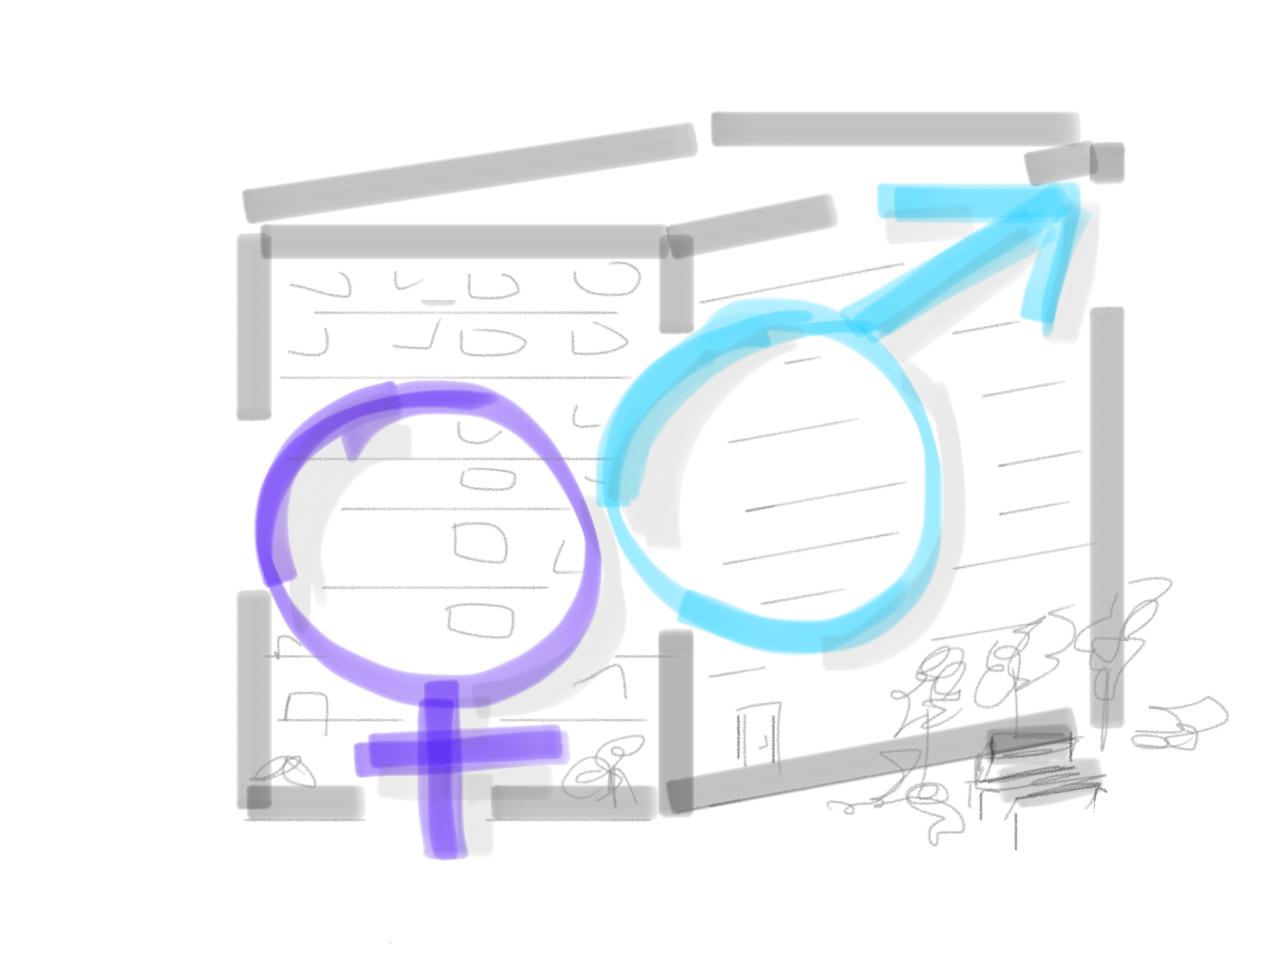 Zusammenleben von Männern und Frauen im Stadtteil